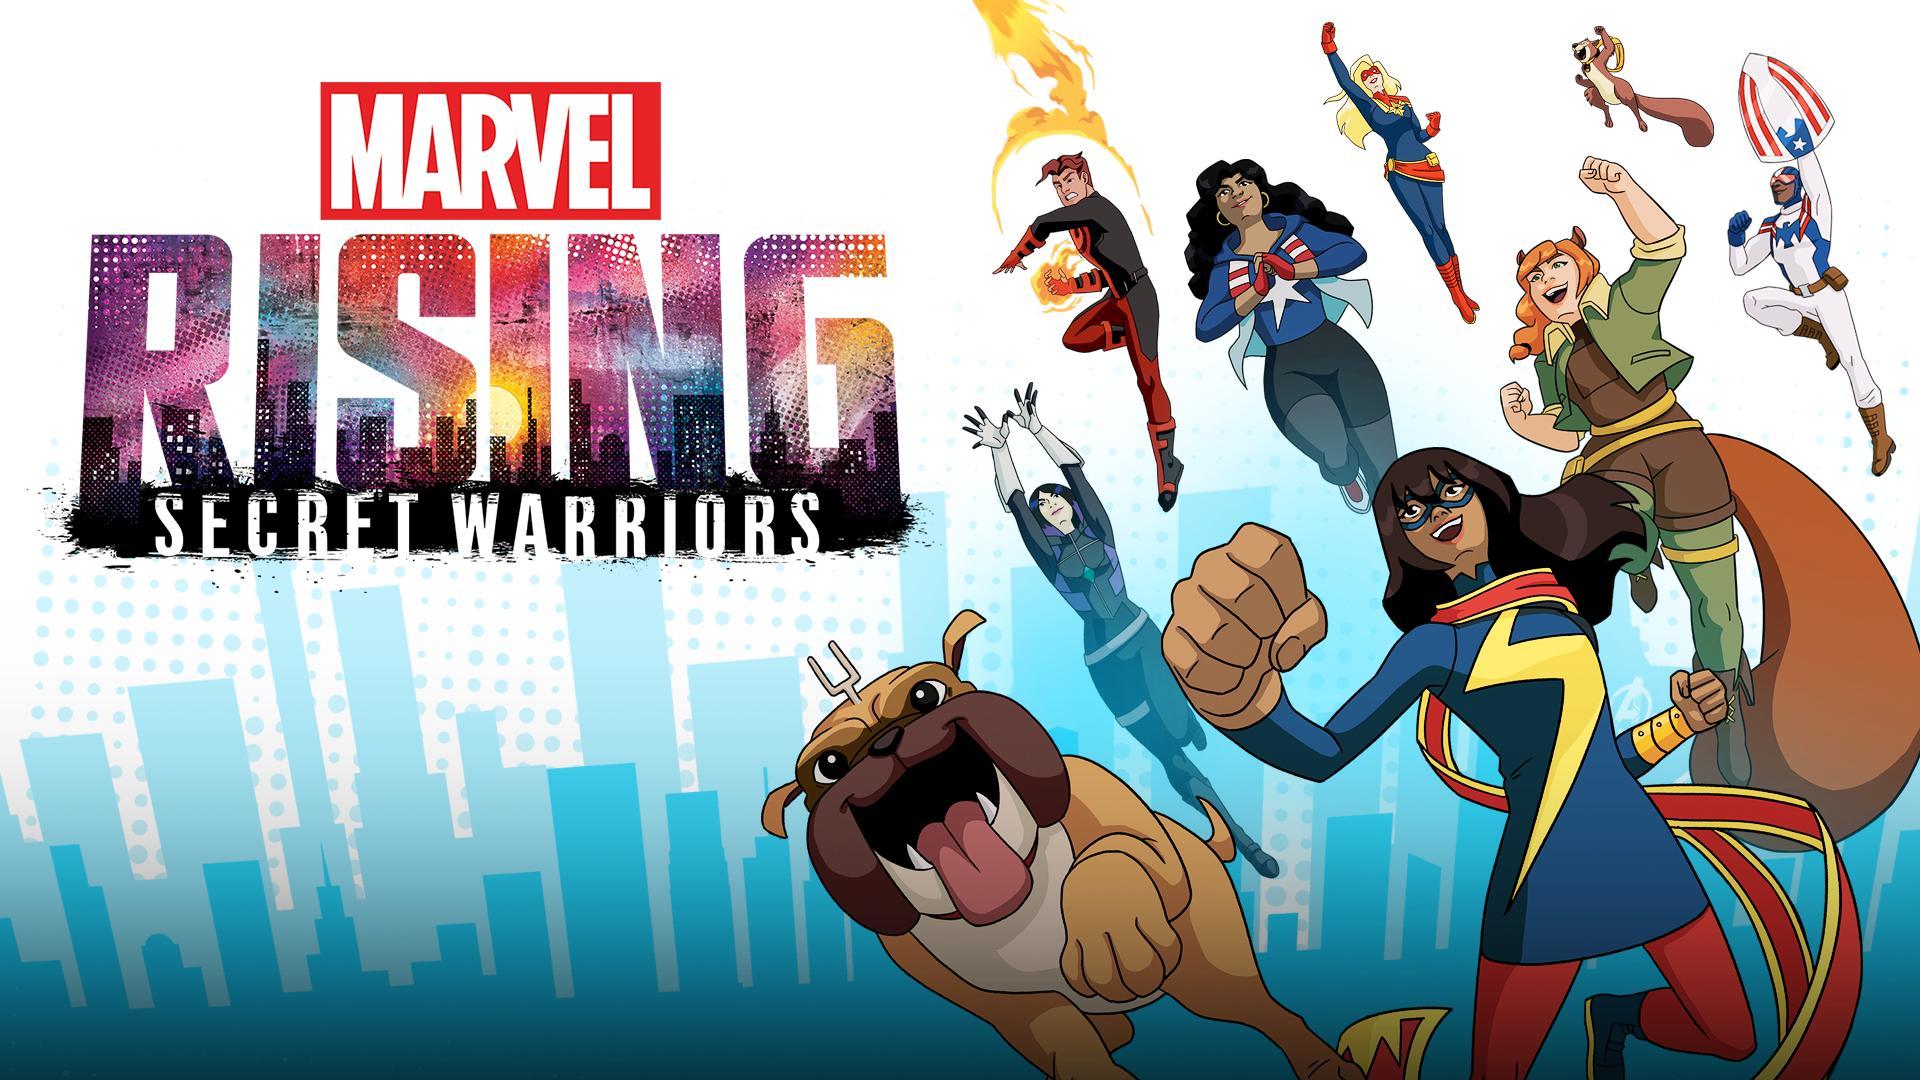 Marvel Rising Secret Warriors (2018).jpg